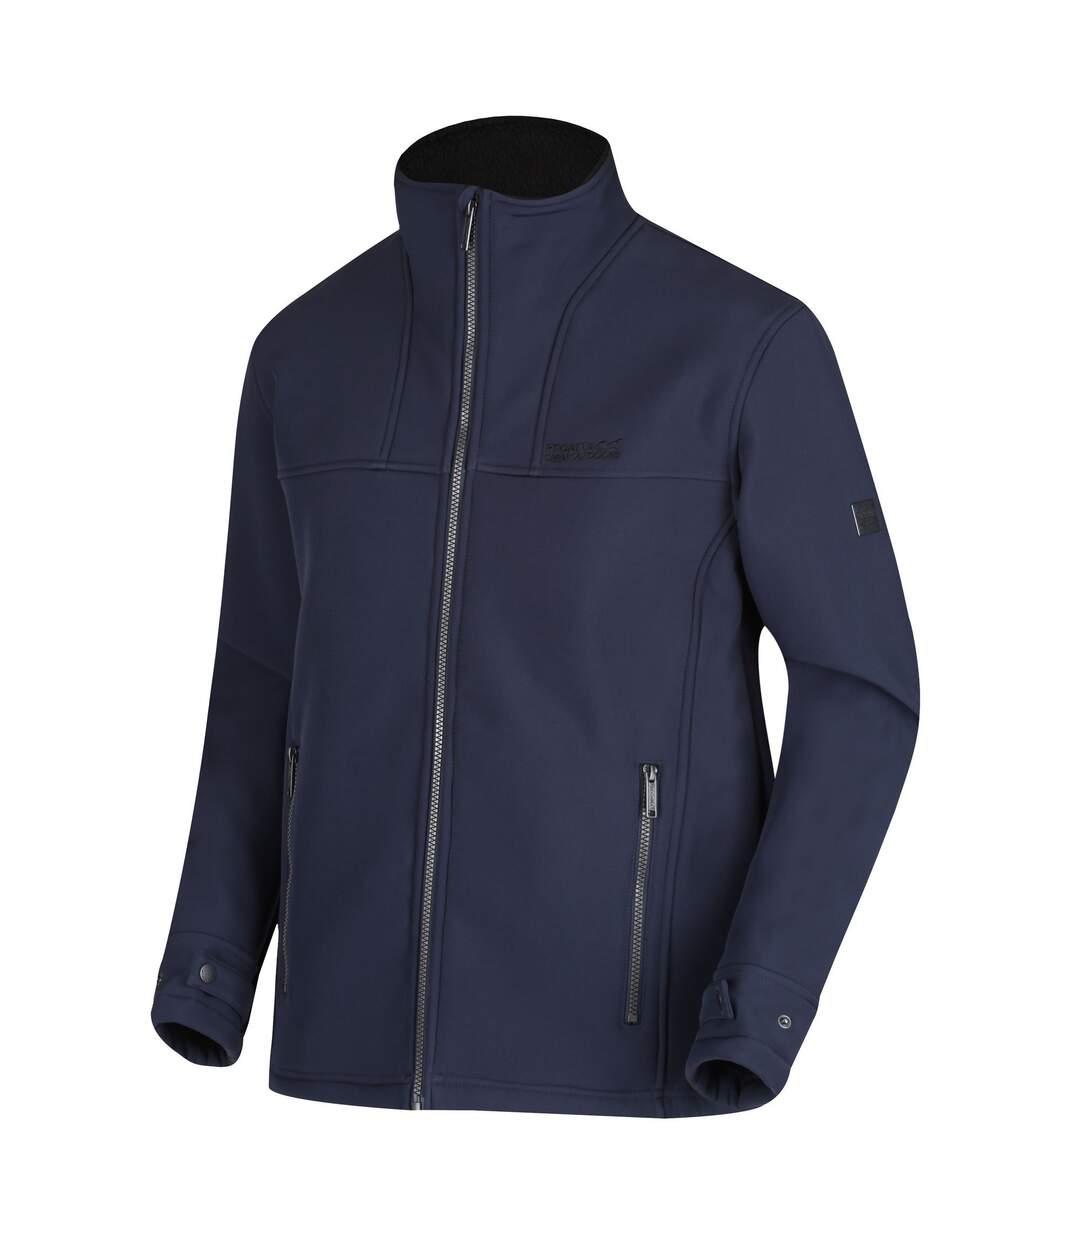 Regatta Mens Conlan Softshell Jacket (Navy/Black) - UTRG4524